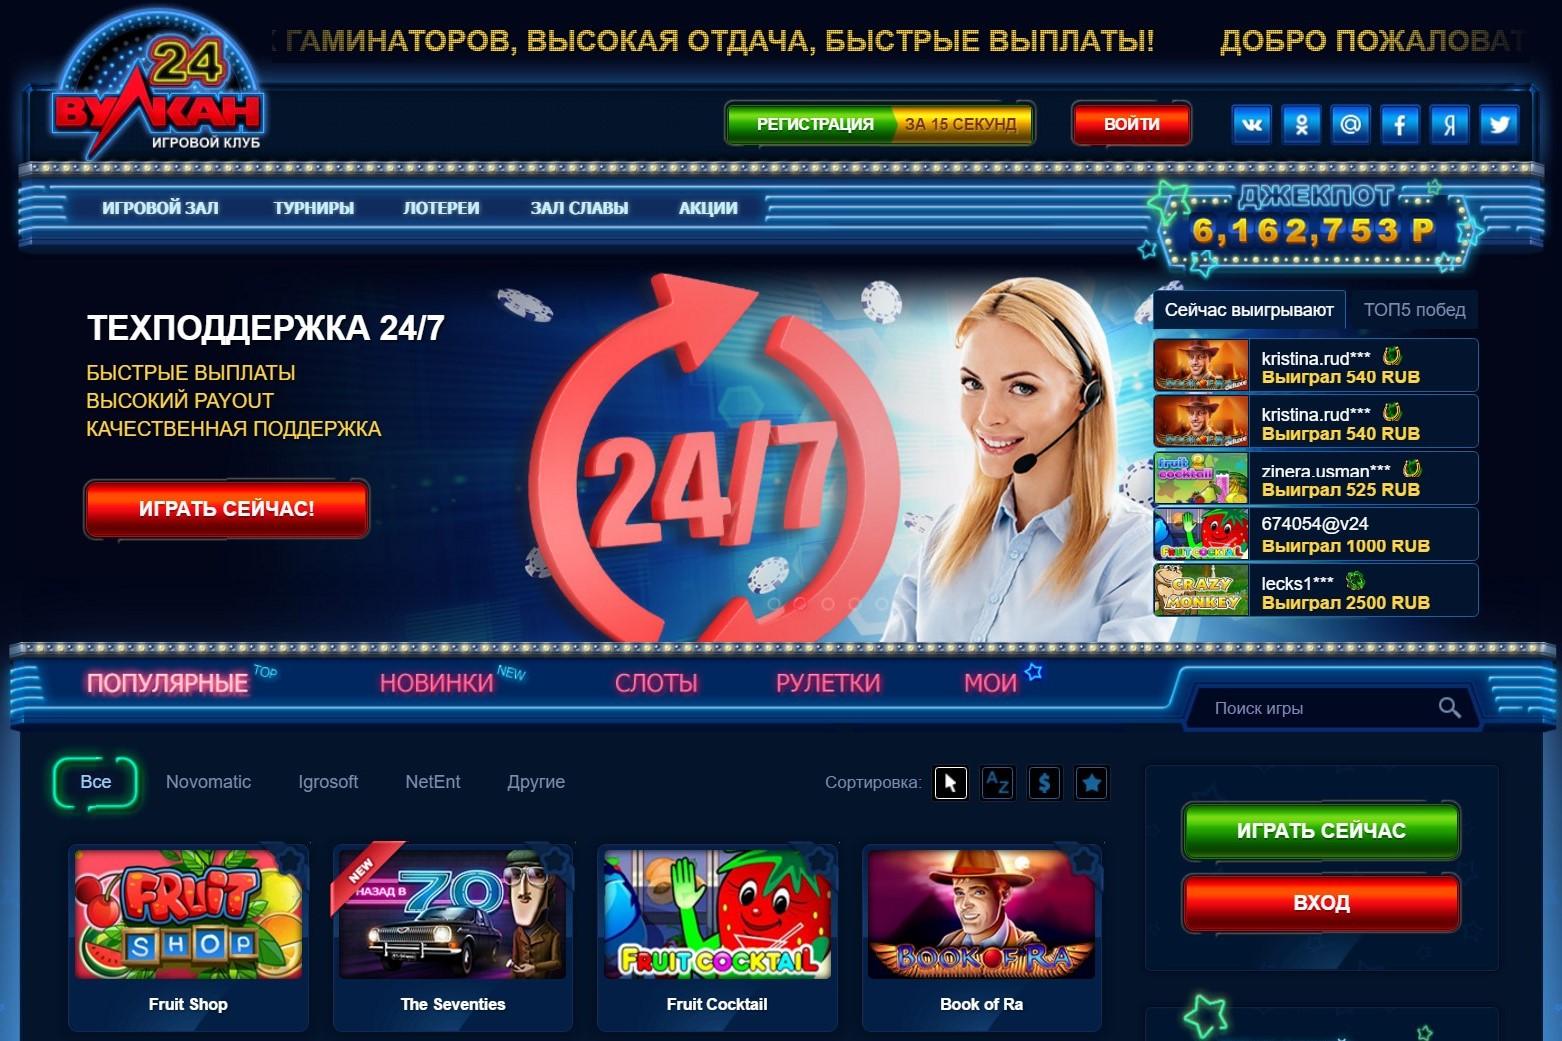 официальный клуб Вулкан 24 - новые игровые возможности » WRC Info: новости  российского, европейского и мирового ралли